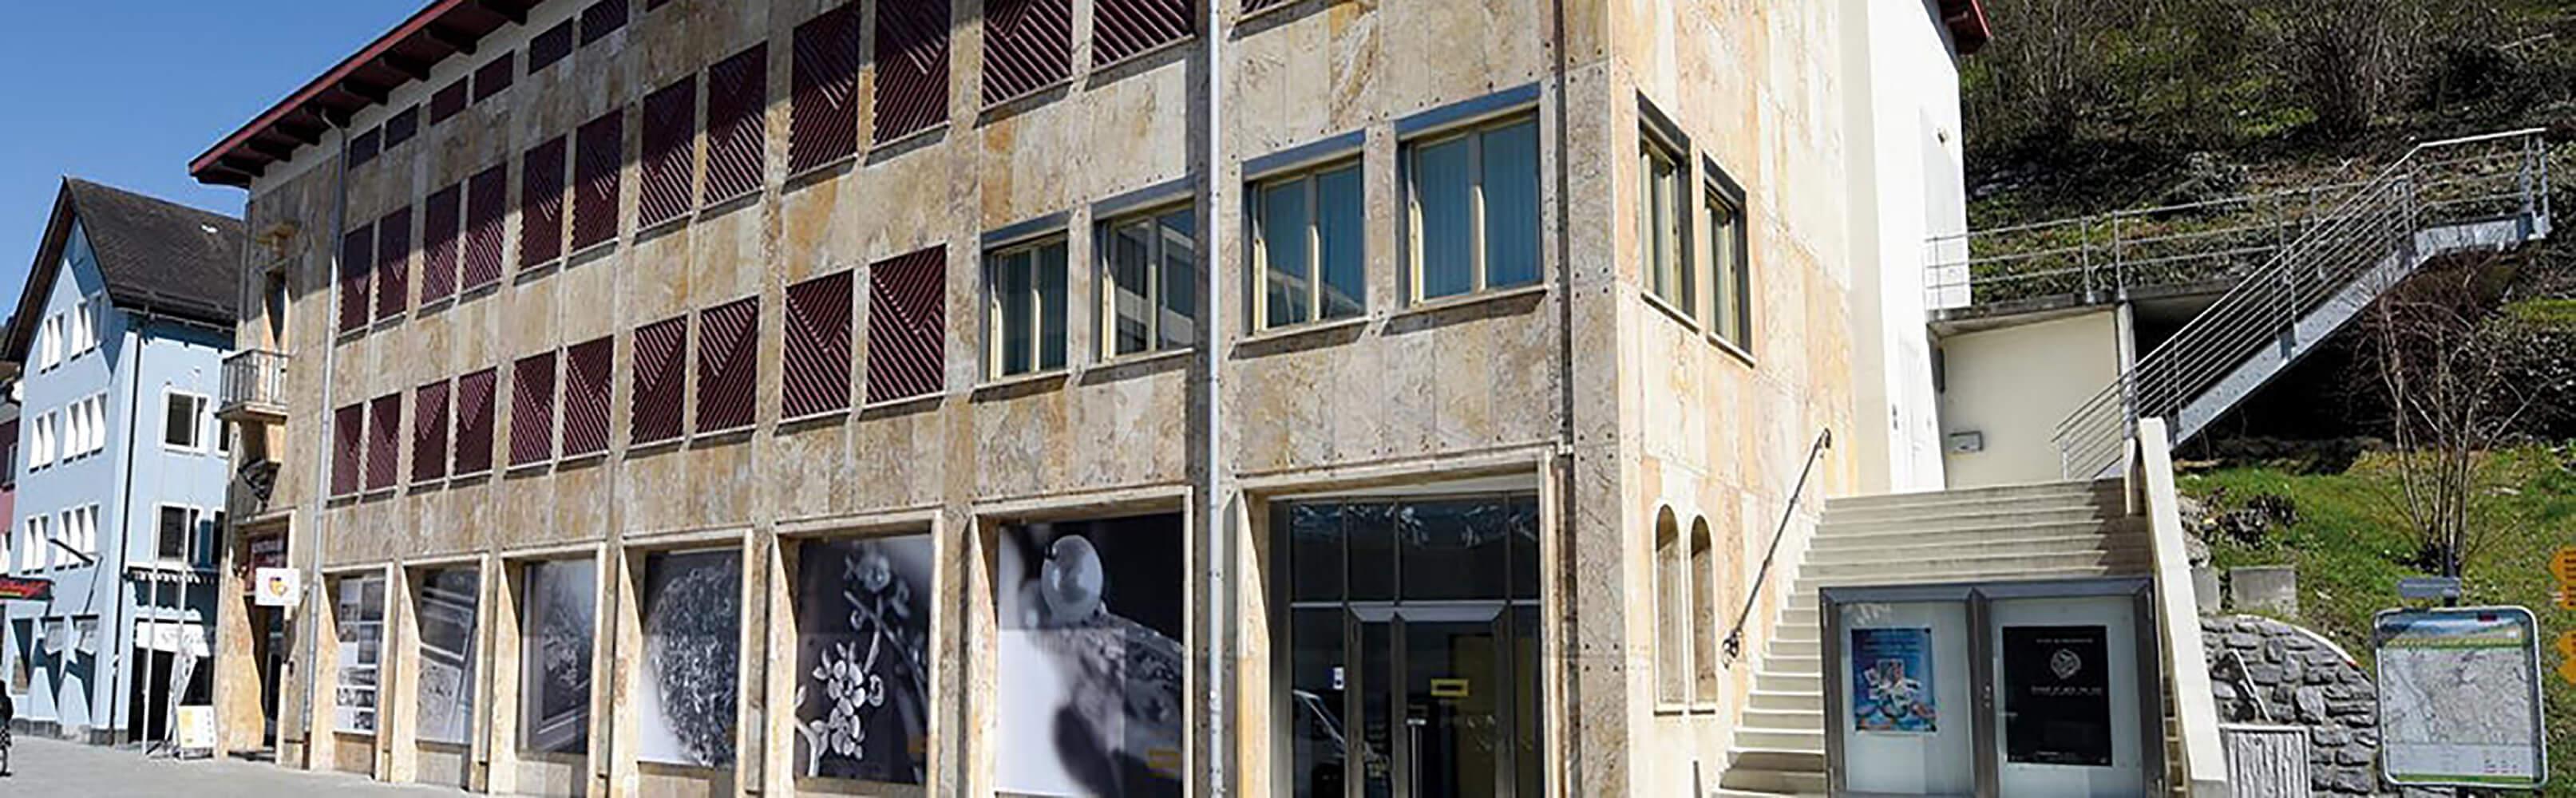 Schatzkammer Liechtenstein Vaduz 1